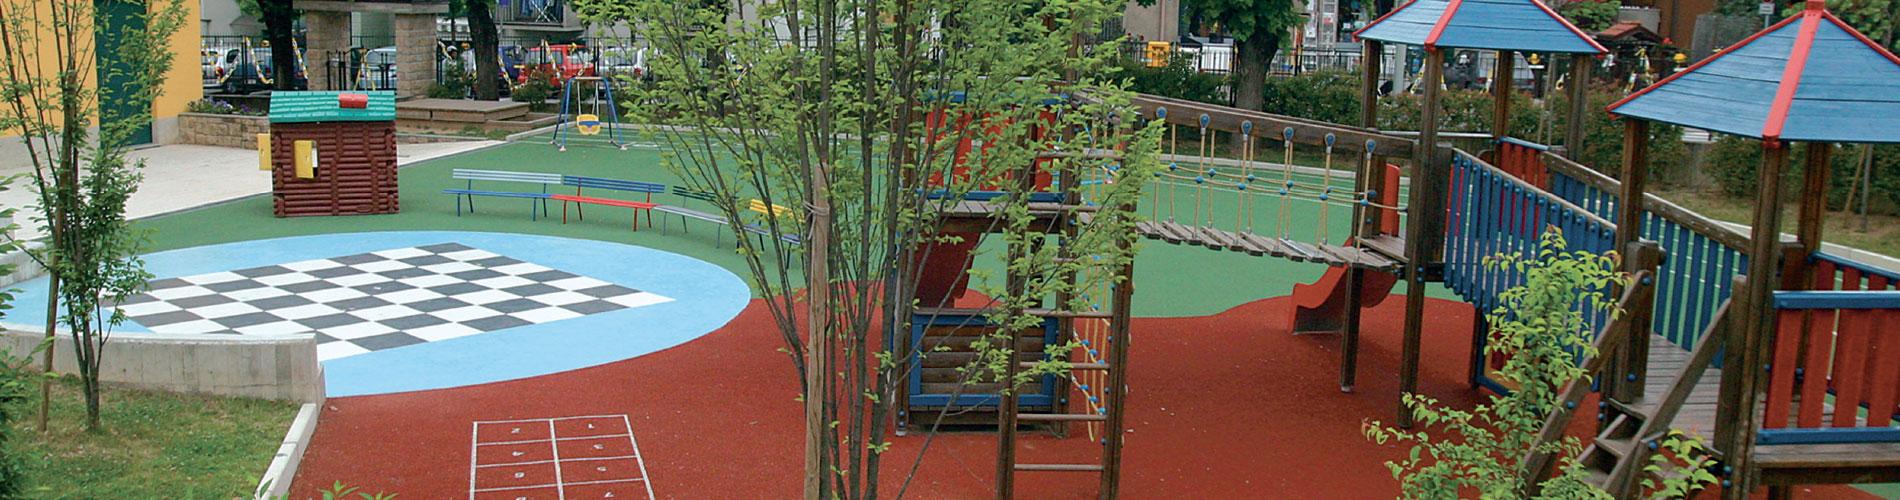 tipiesse-progettazione-e-realizzazione-di-resine-per-la-pavimentazione-sportiva-e-nella-realizzazione-di-impianti-sportivi-slide8